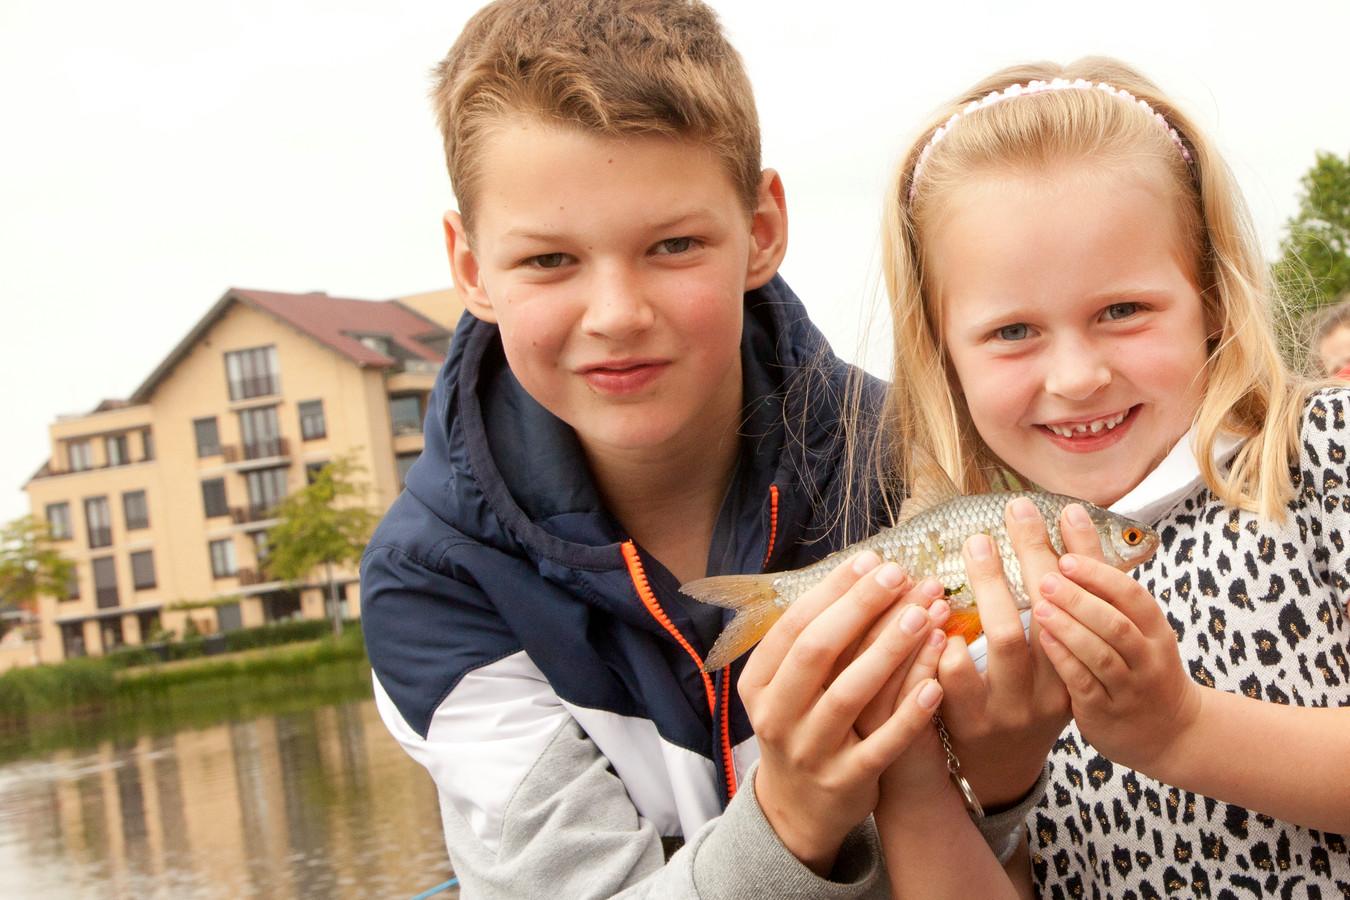 Tijmen Meijer (10) helpt Rosalie van Sambeek (6) met haar voorn